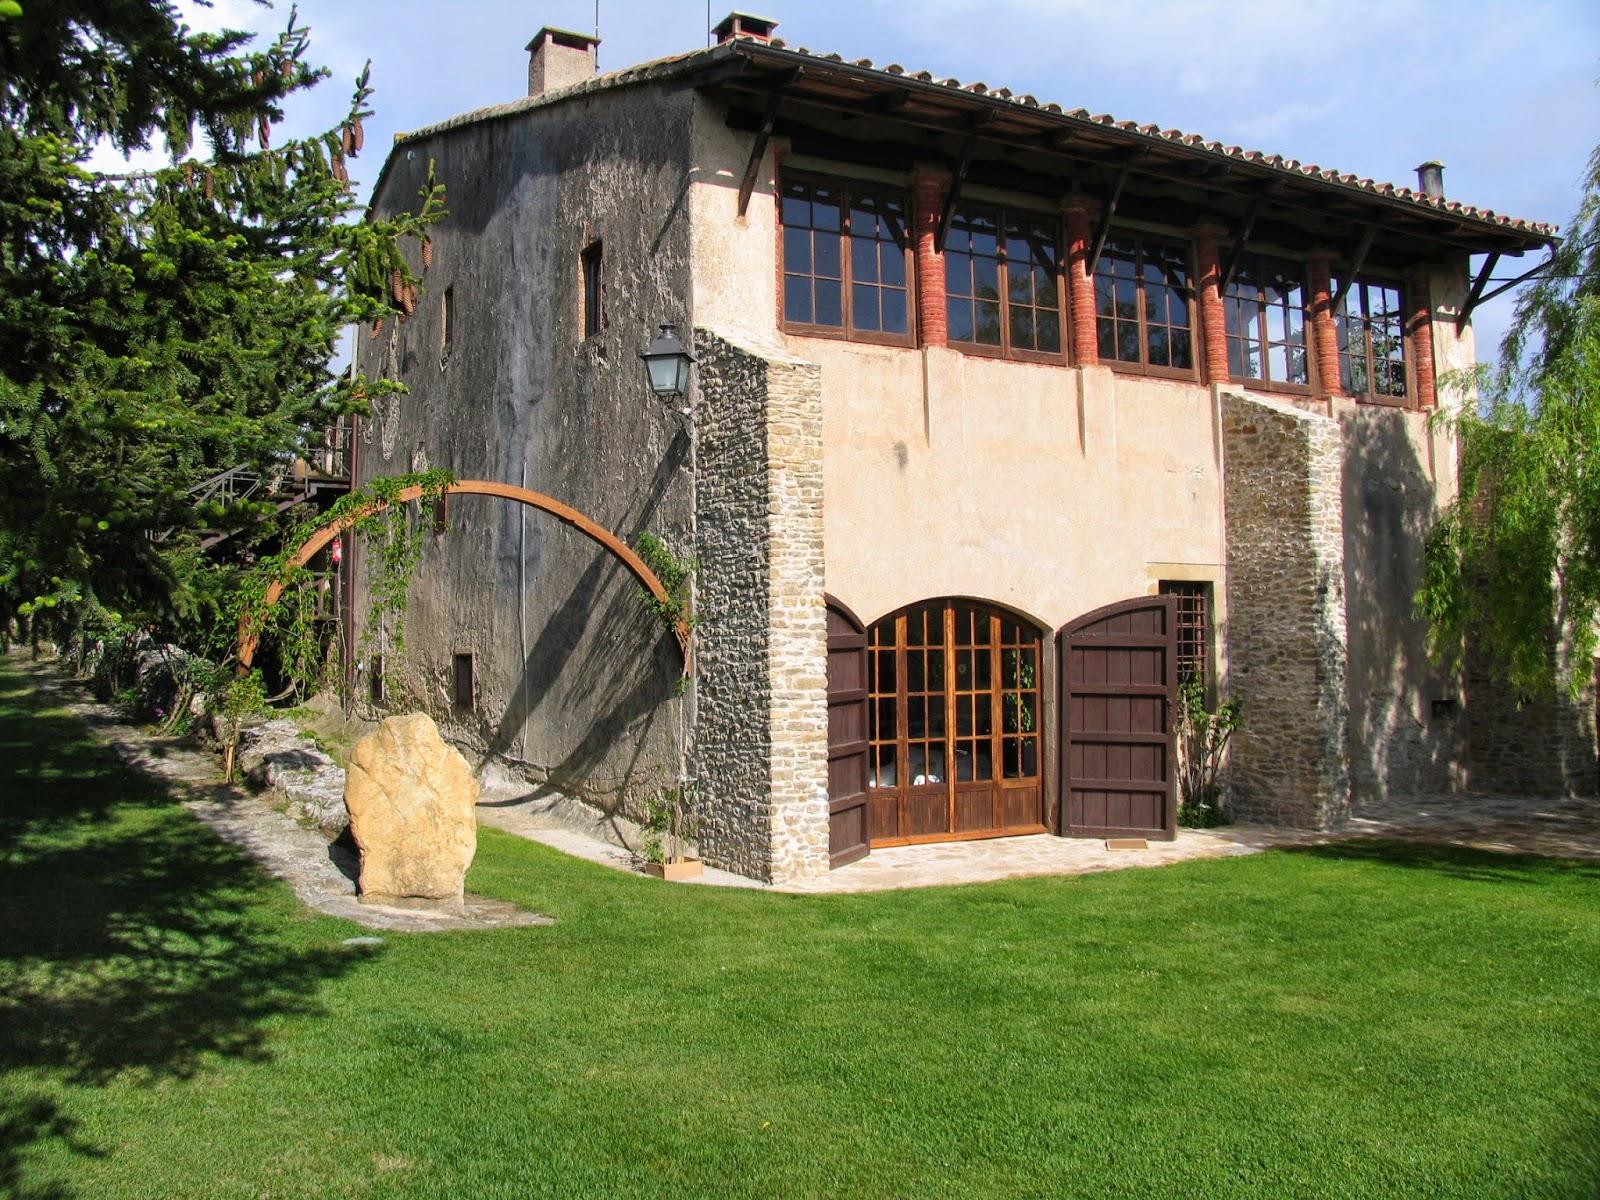 http://www.ruralverd.es/establiment_c_34120.aspx